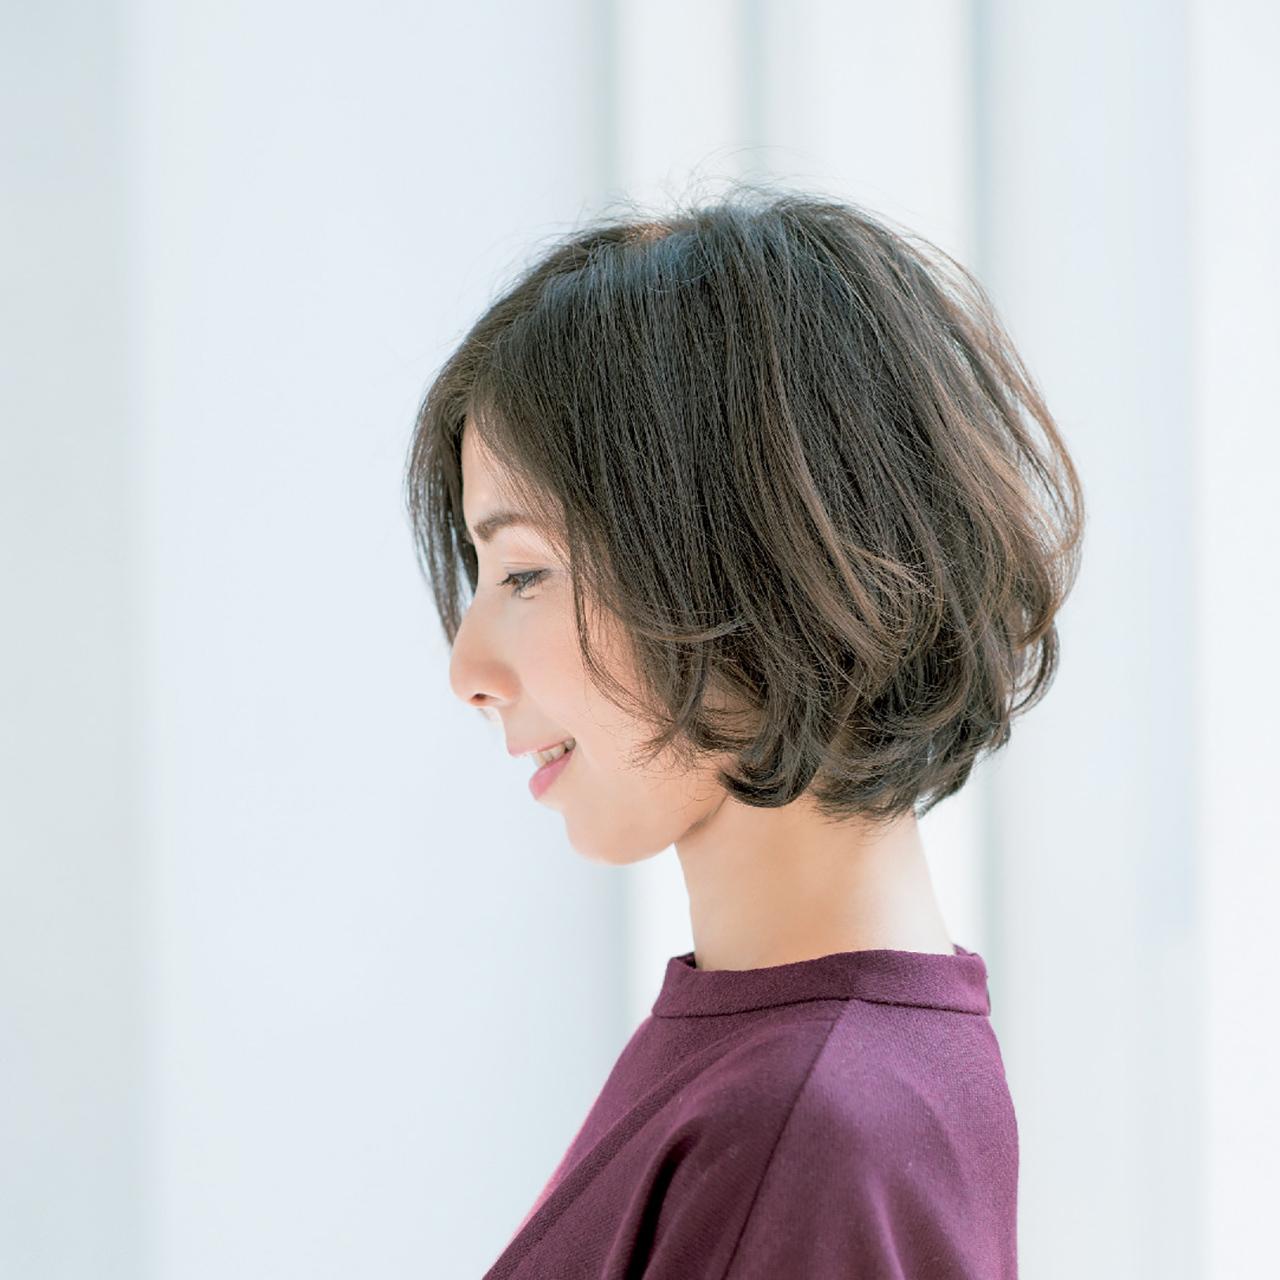 アラフィーの髪悩みは、「おりこうパーマ」におまかせ! 五選_1_1-2